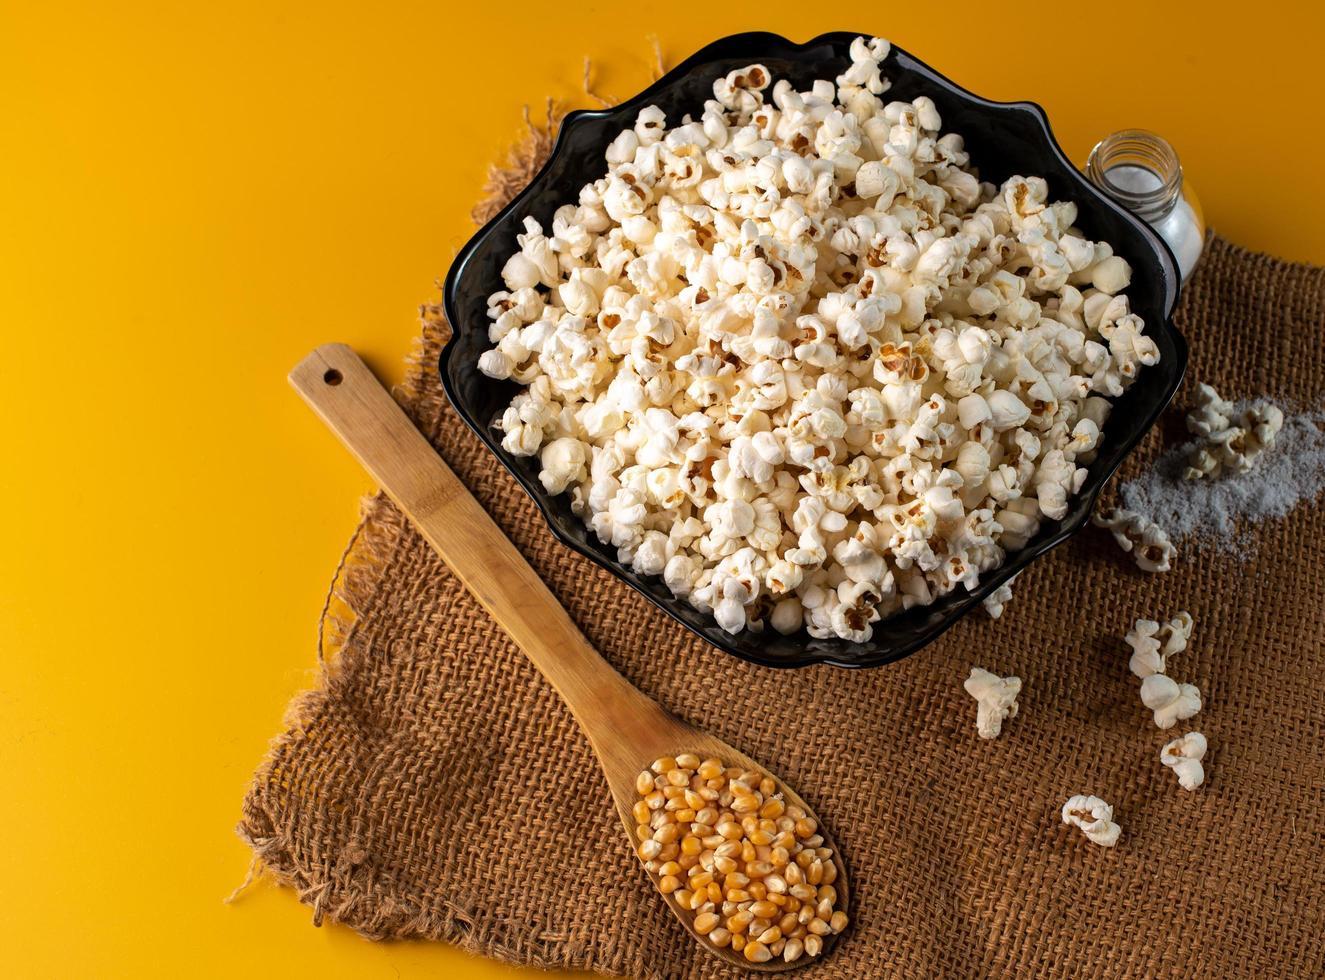 skål med popcorn på gul bakgrund foto